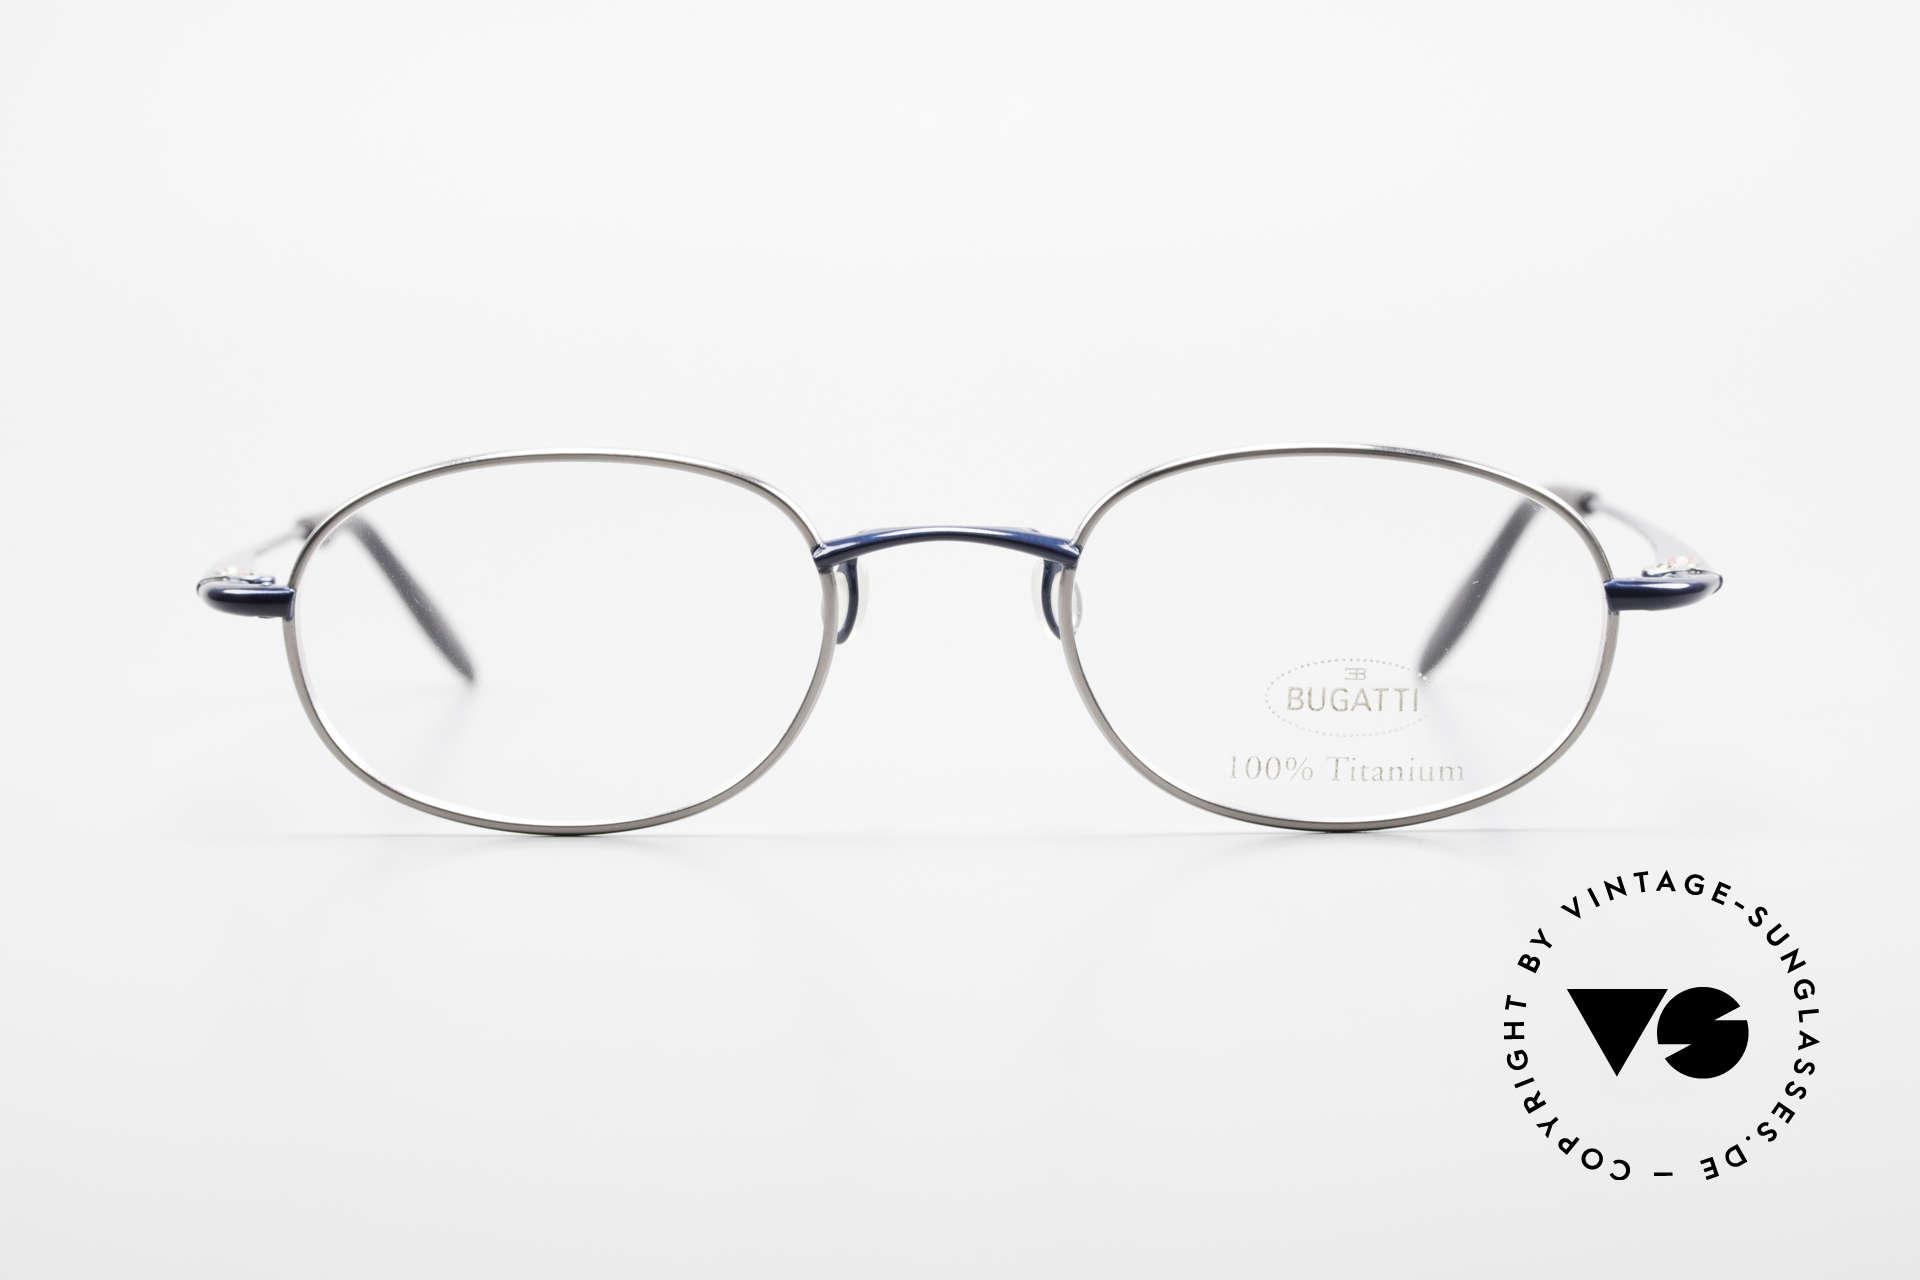 Bugatti 19062 90er Herrenbrille Titanium, herausragende Verarbeitungsqualität (wiegt nur 14g), Passend für Herren